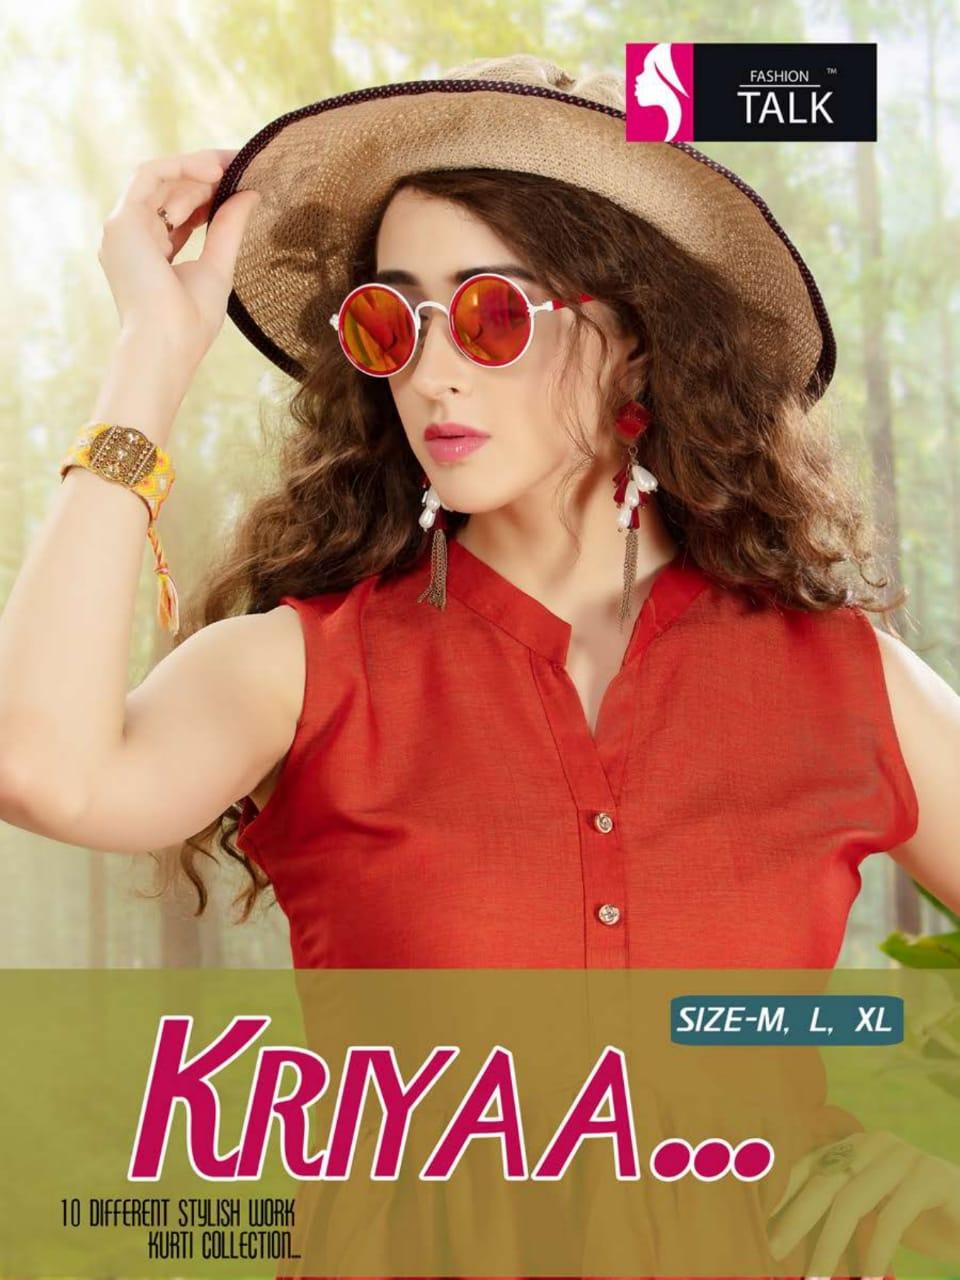 Fashion Talk Kriyaa Designer Heavy Rayon Stitch Western Tops Wholesale